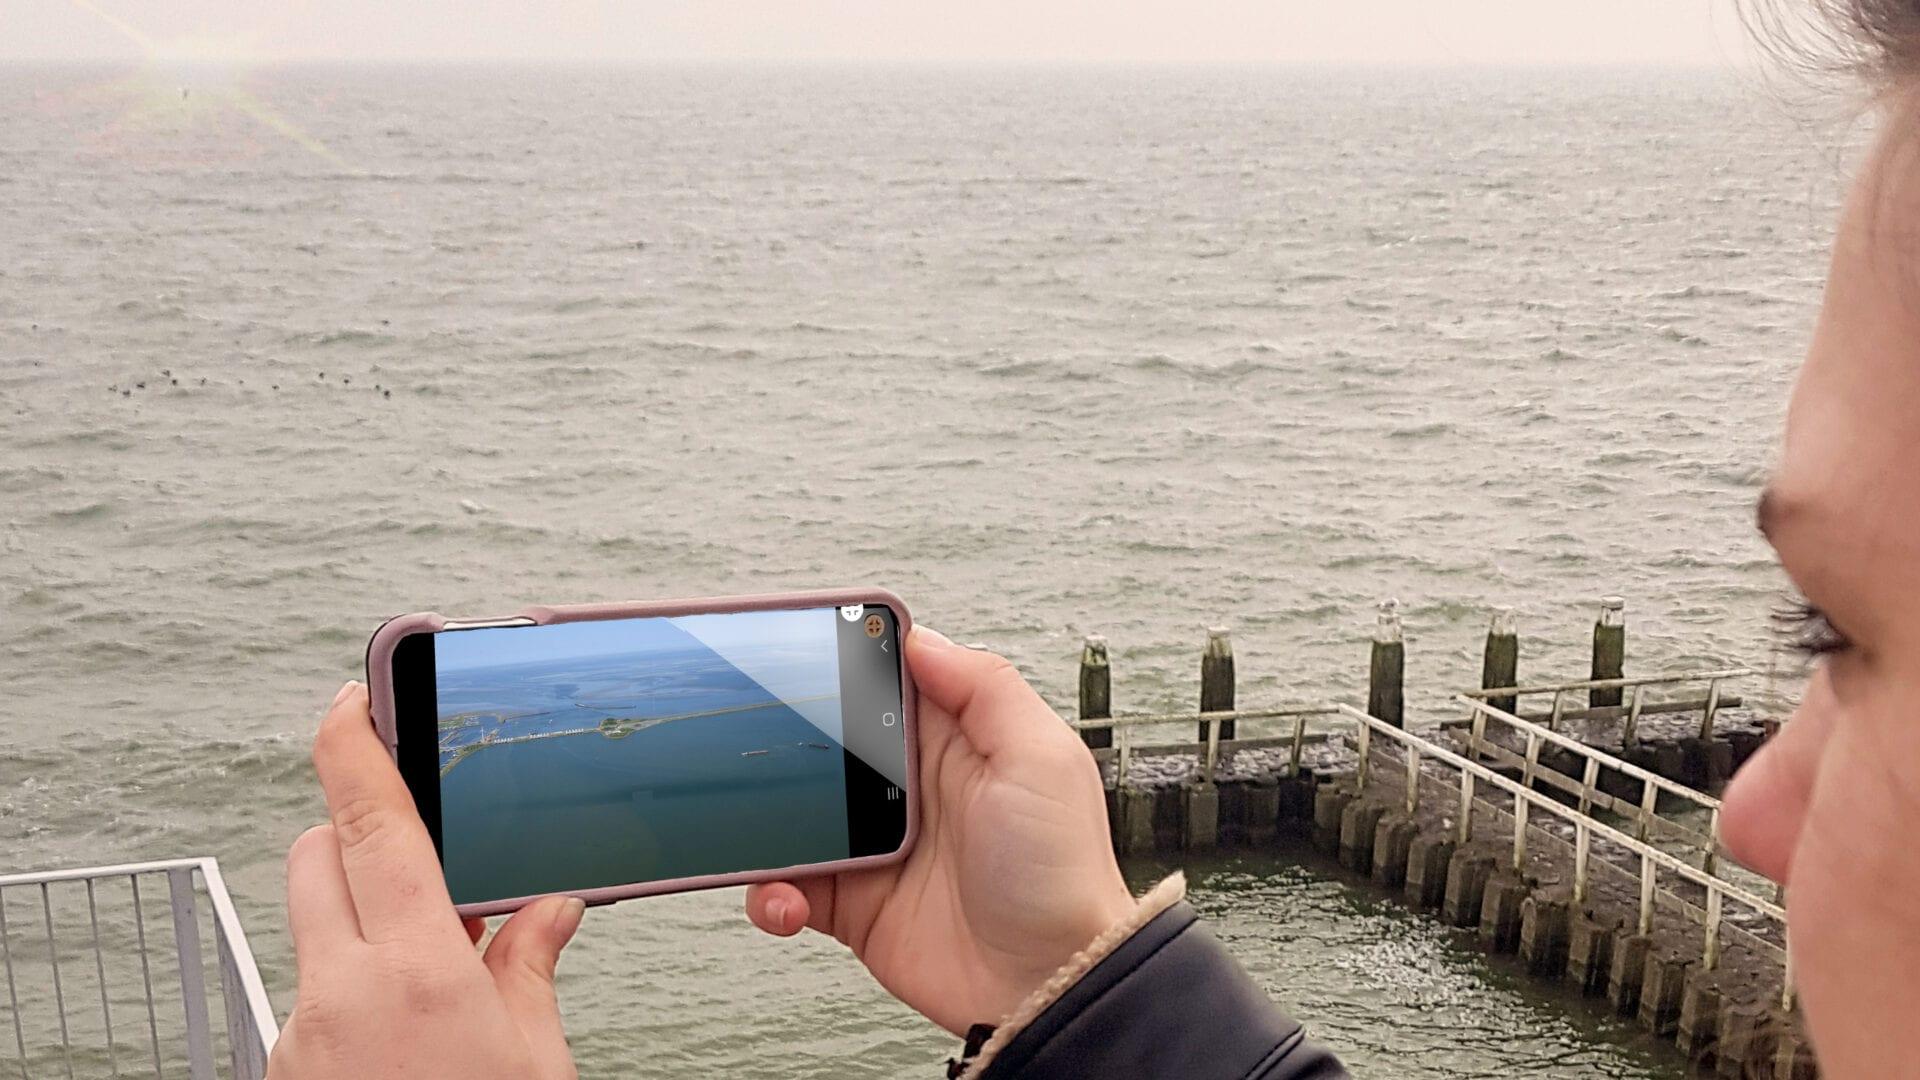 Op de foto zie je het IJsselmeer op mobiel weergegeven